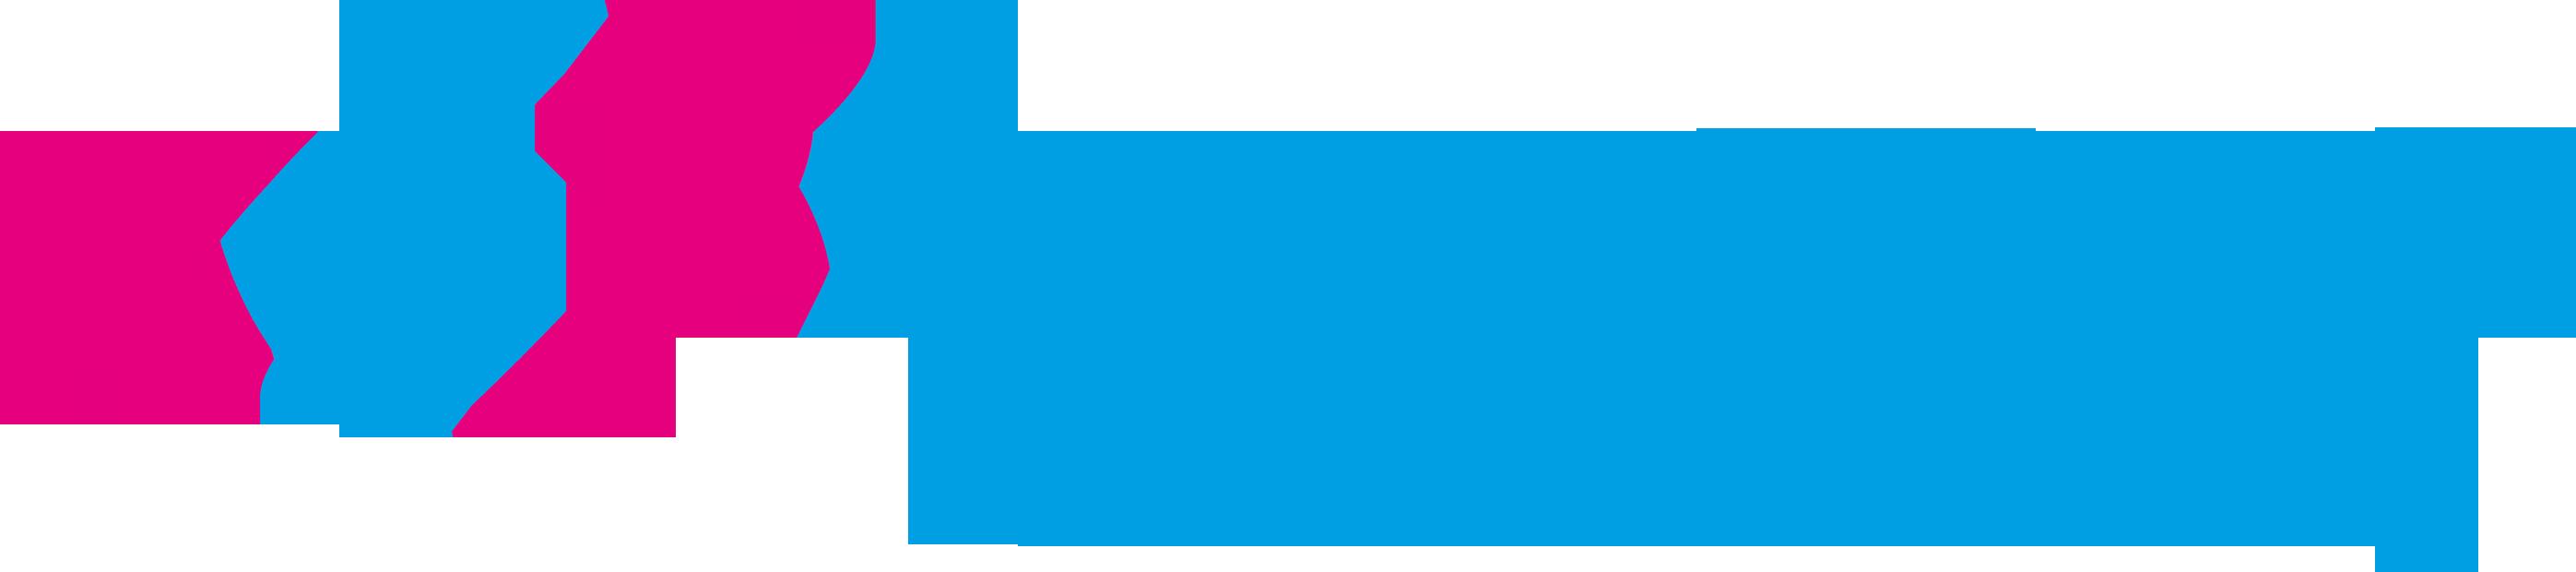 K-Taping Academy Logo